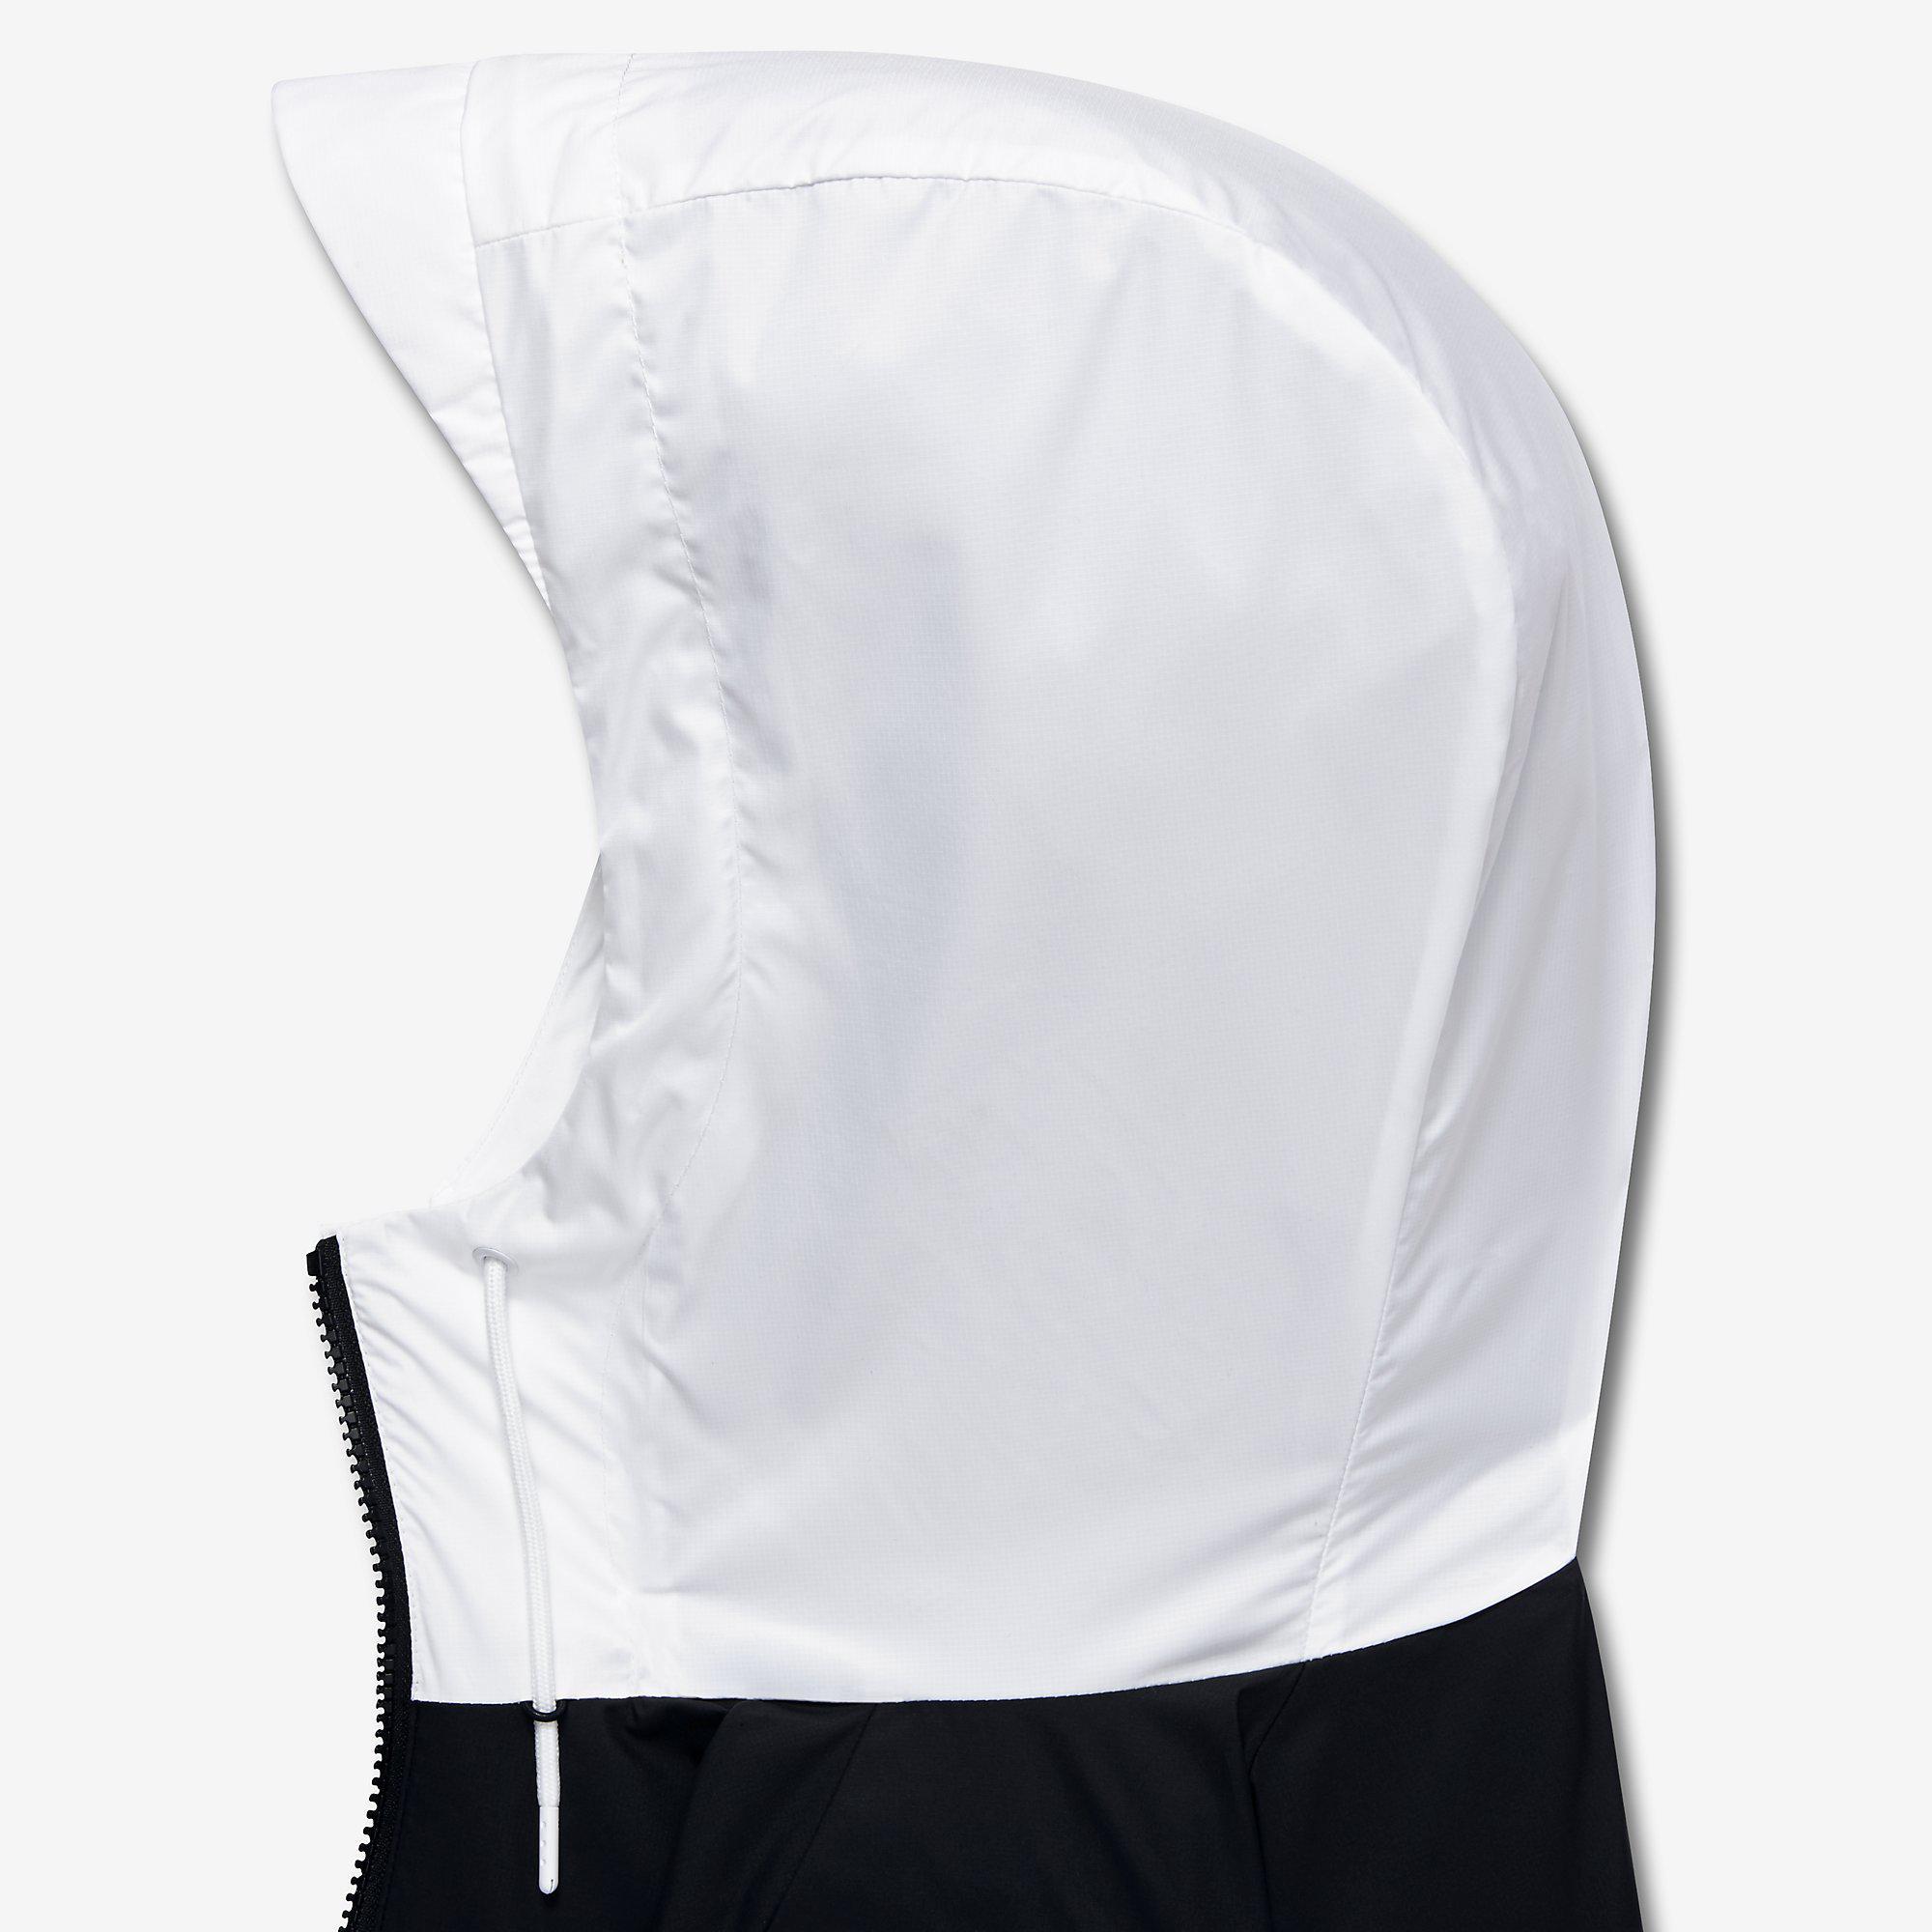 e431c161af372 Nike Mens Sportswear Windrunner Jacket - White/Black/Grey ...